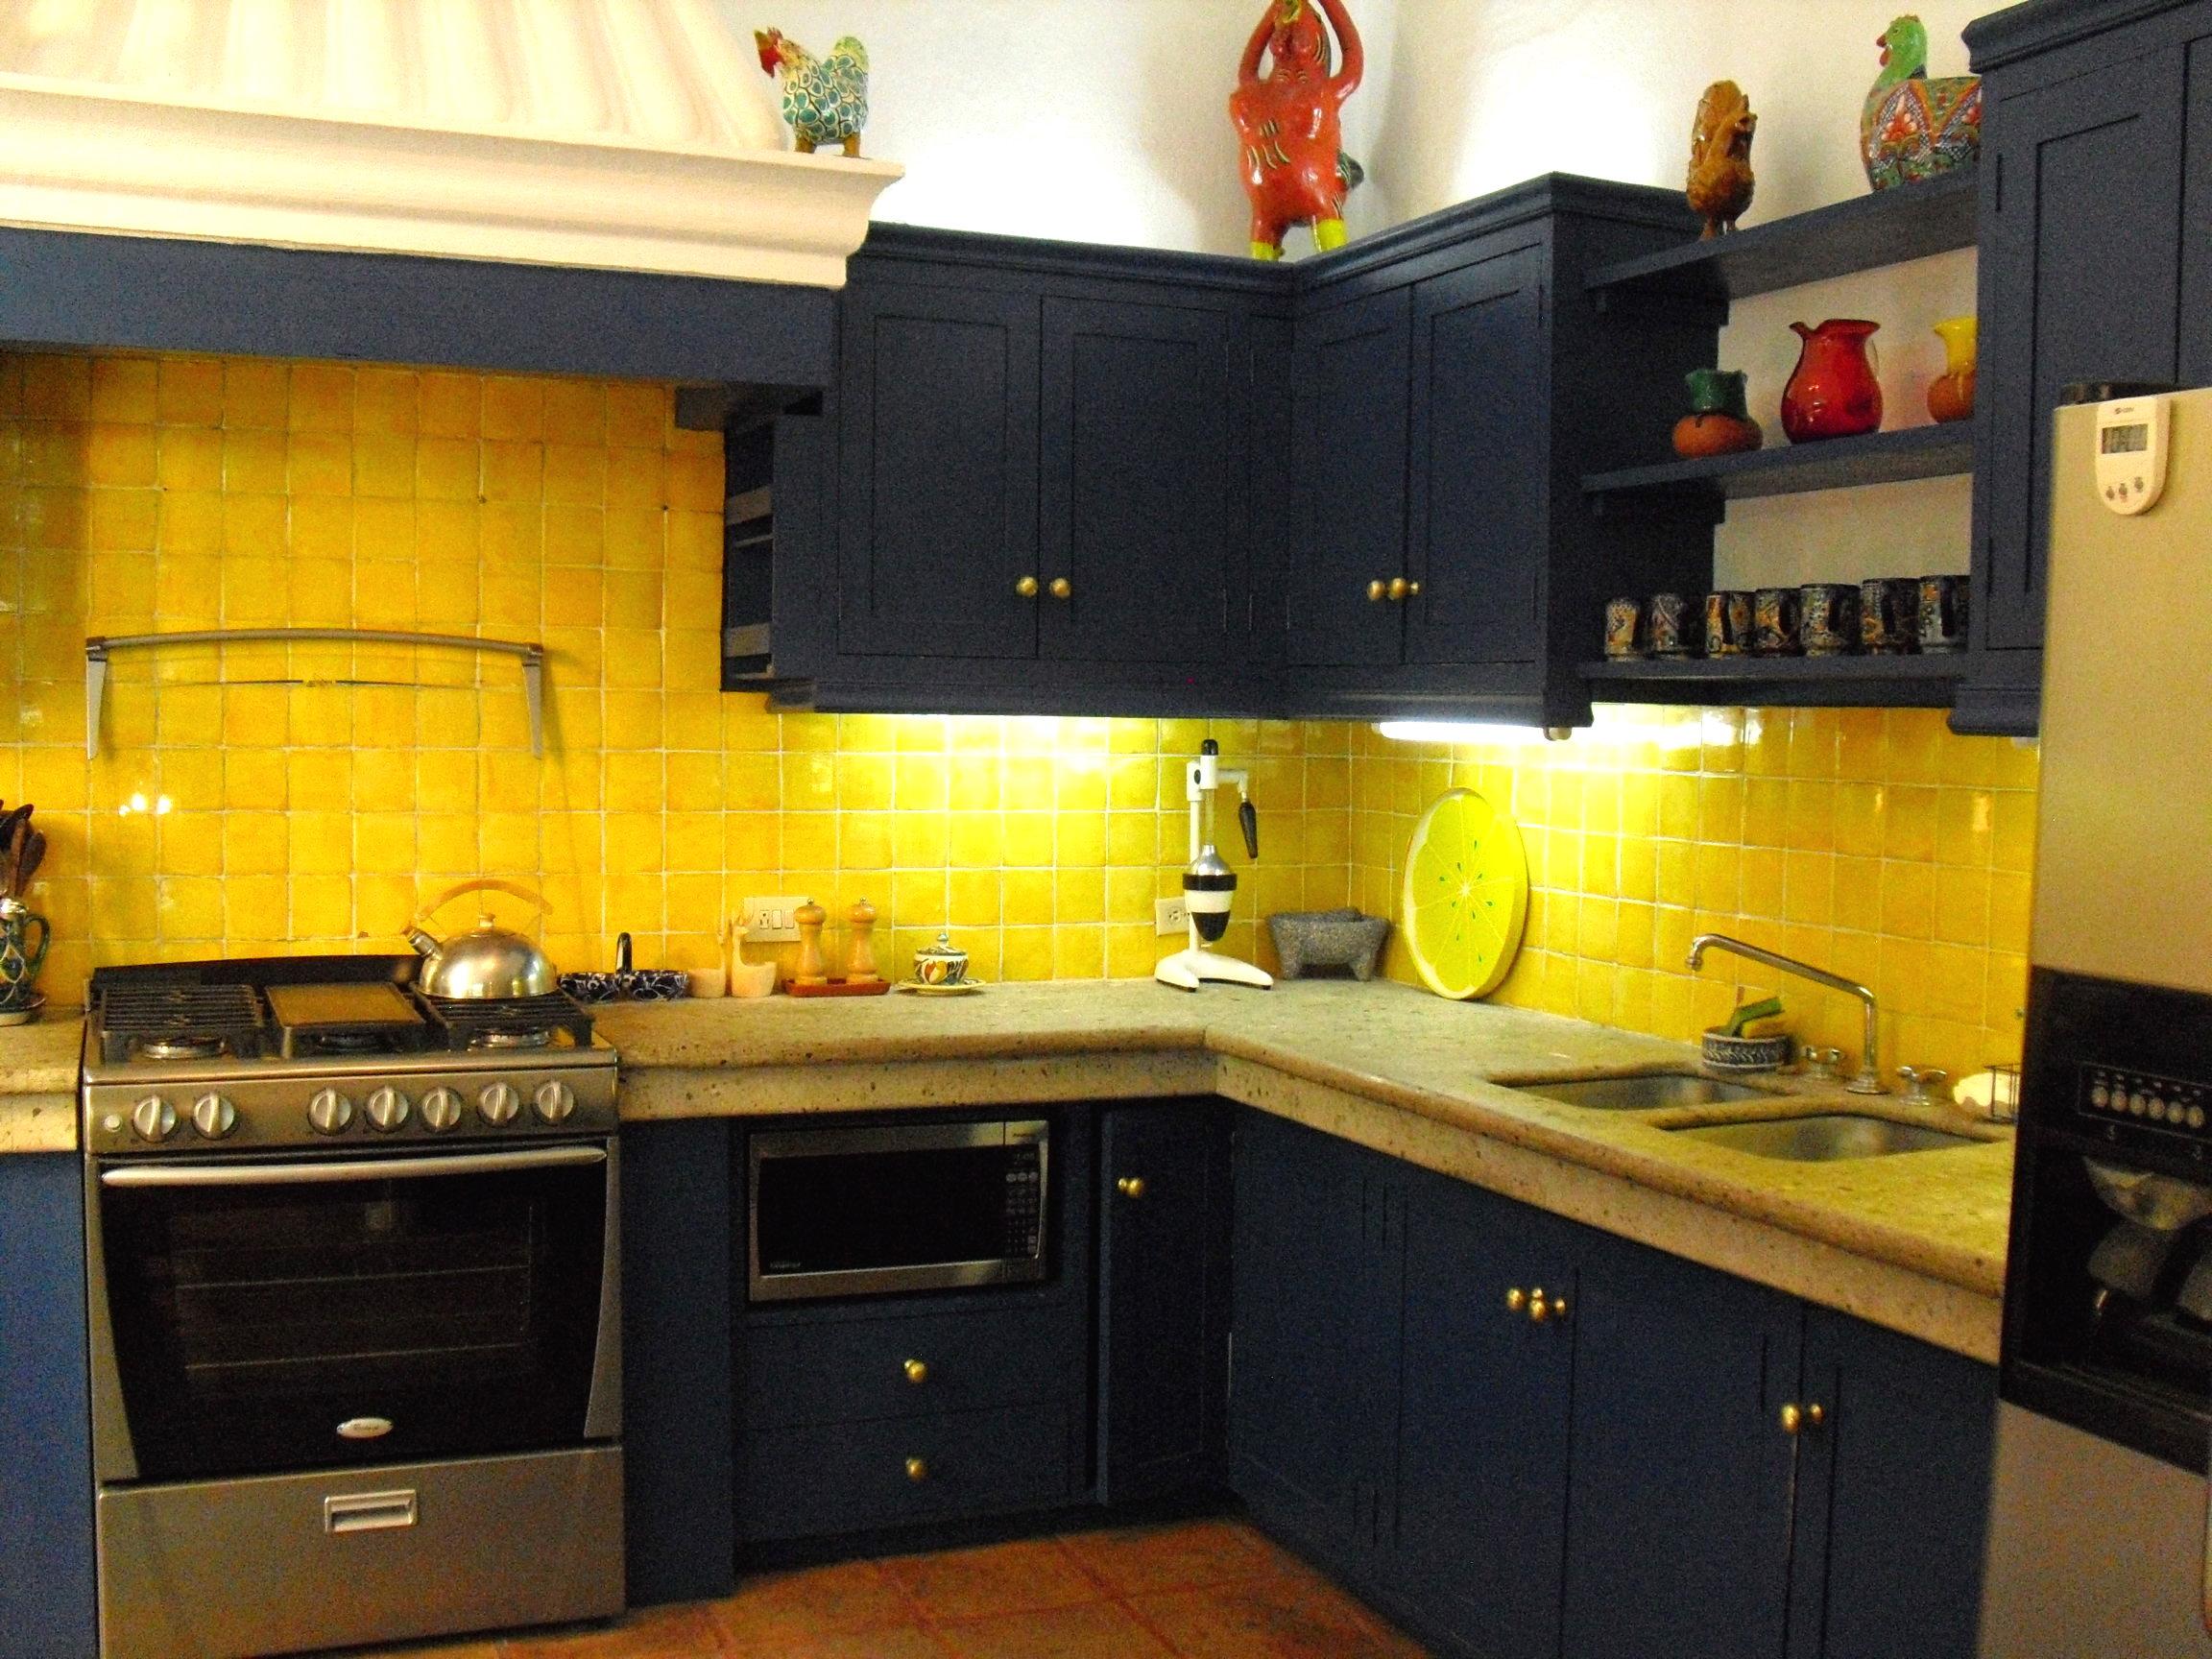 CasaEstrellaGrande_05 kitchen